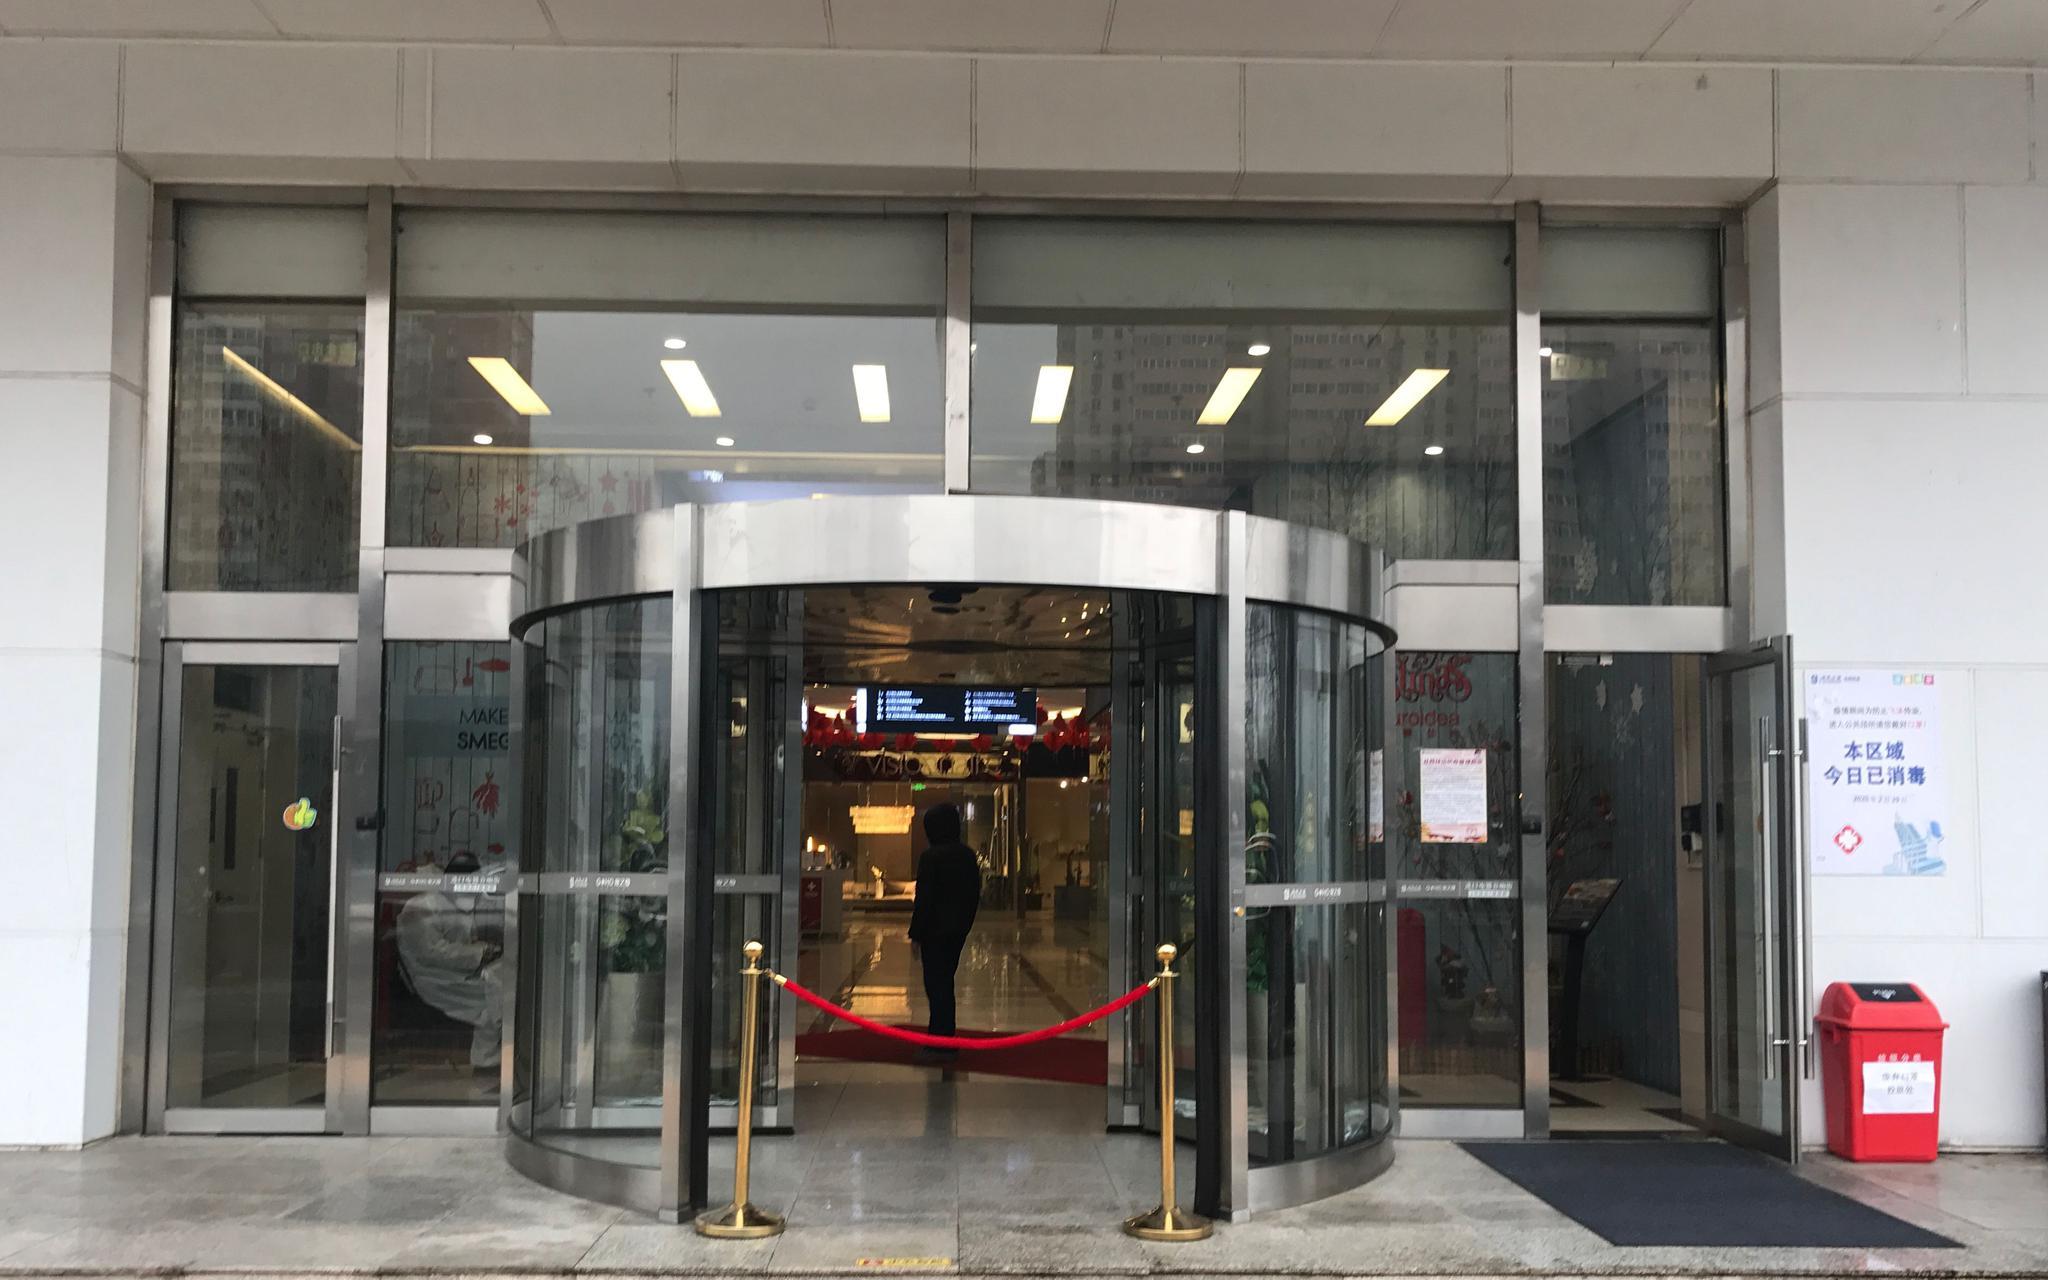 防疫探访│家居商场客流稀少,厢式电梯均已停用图片